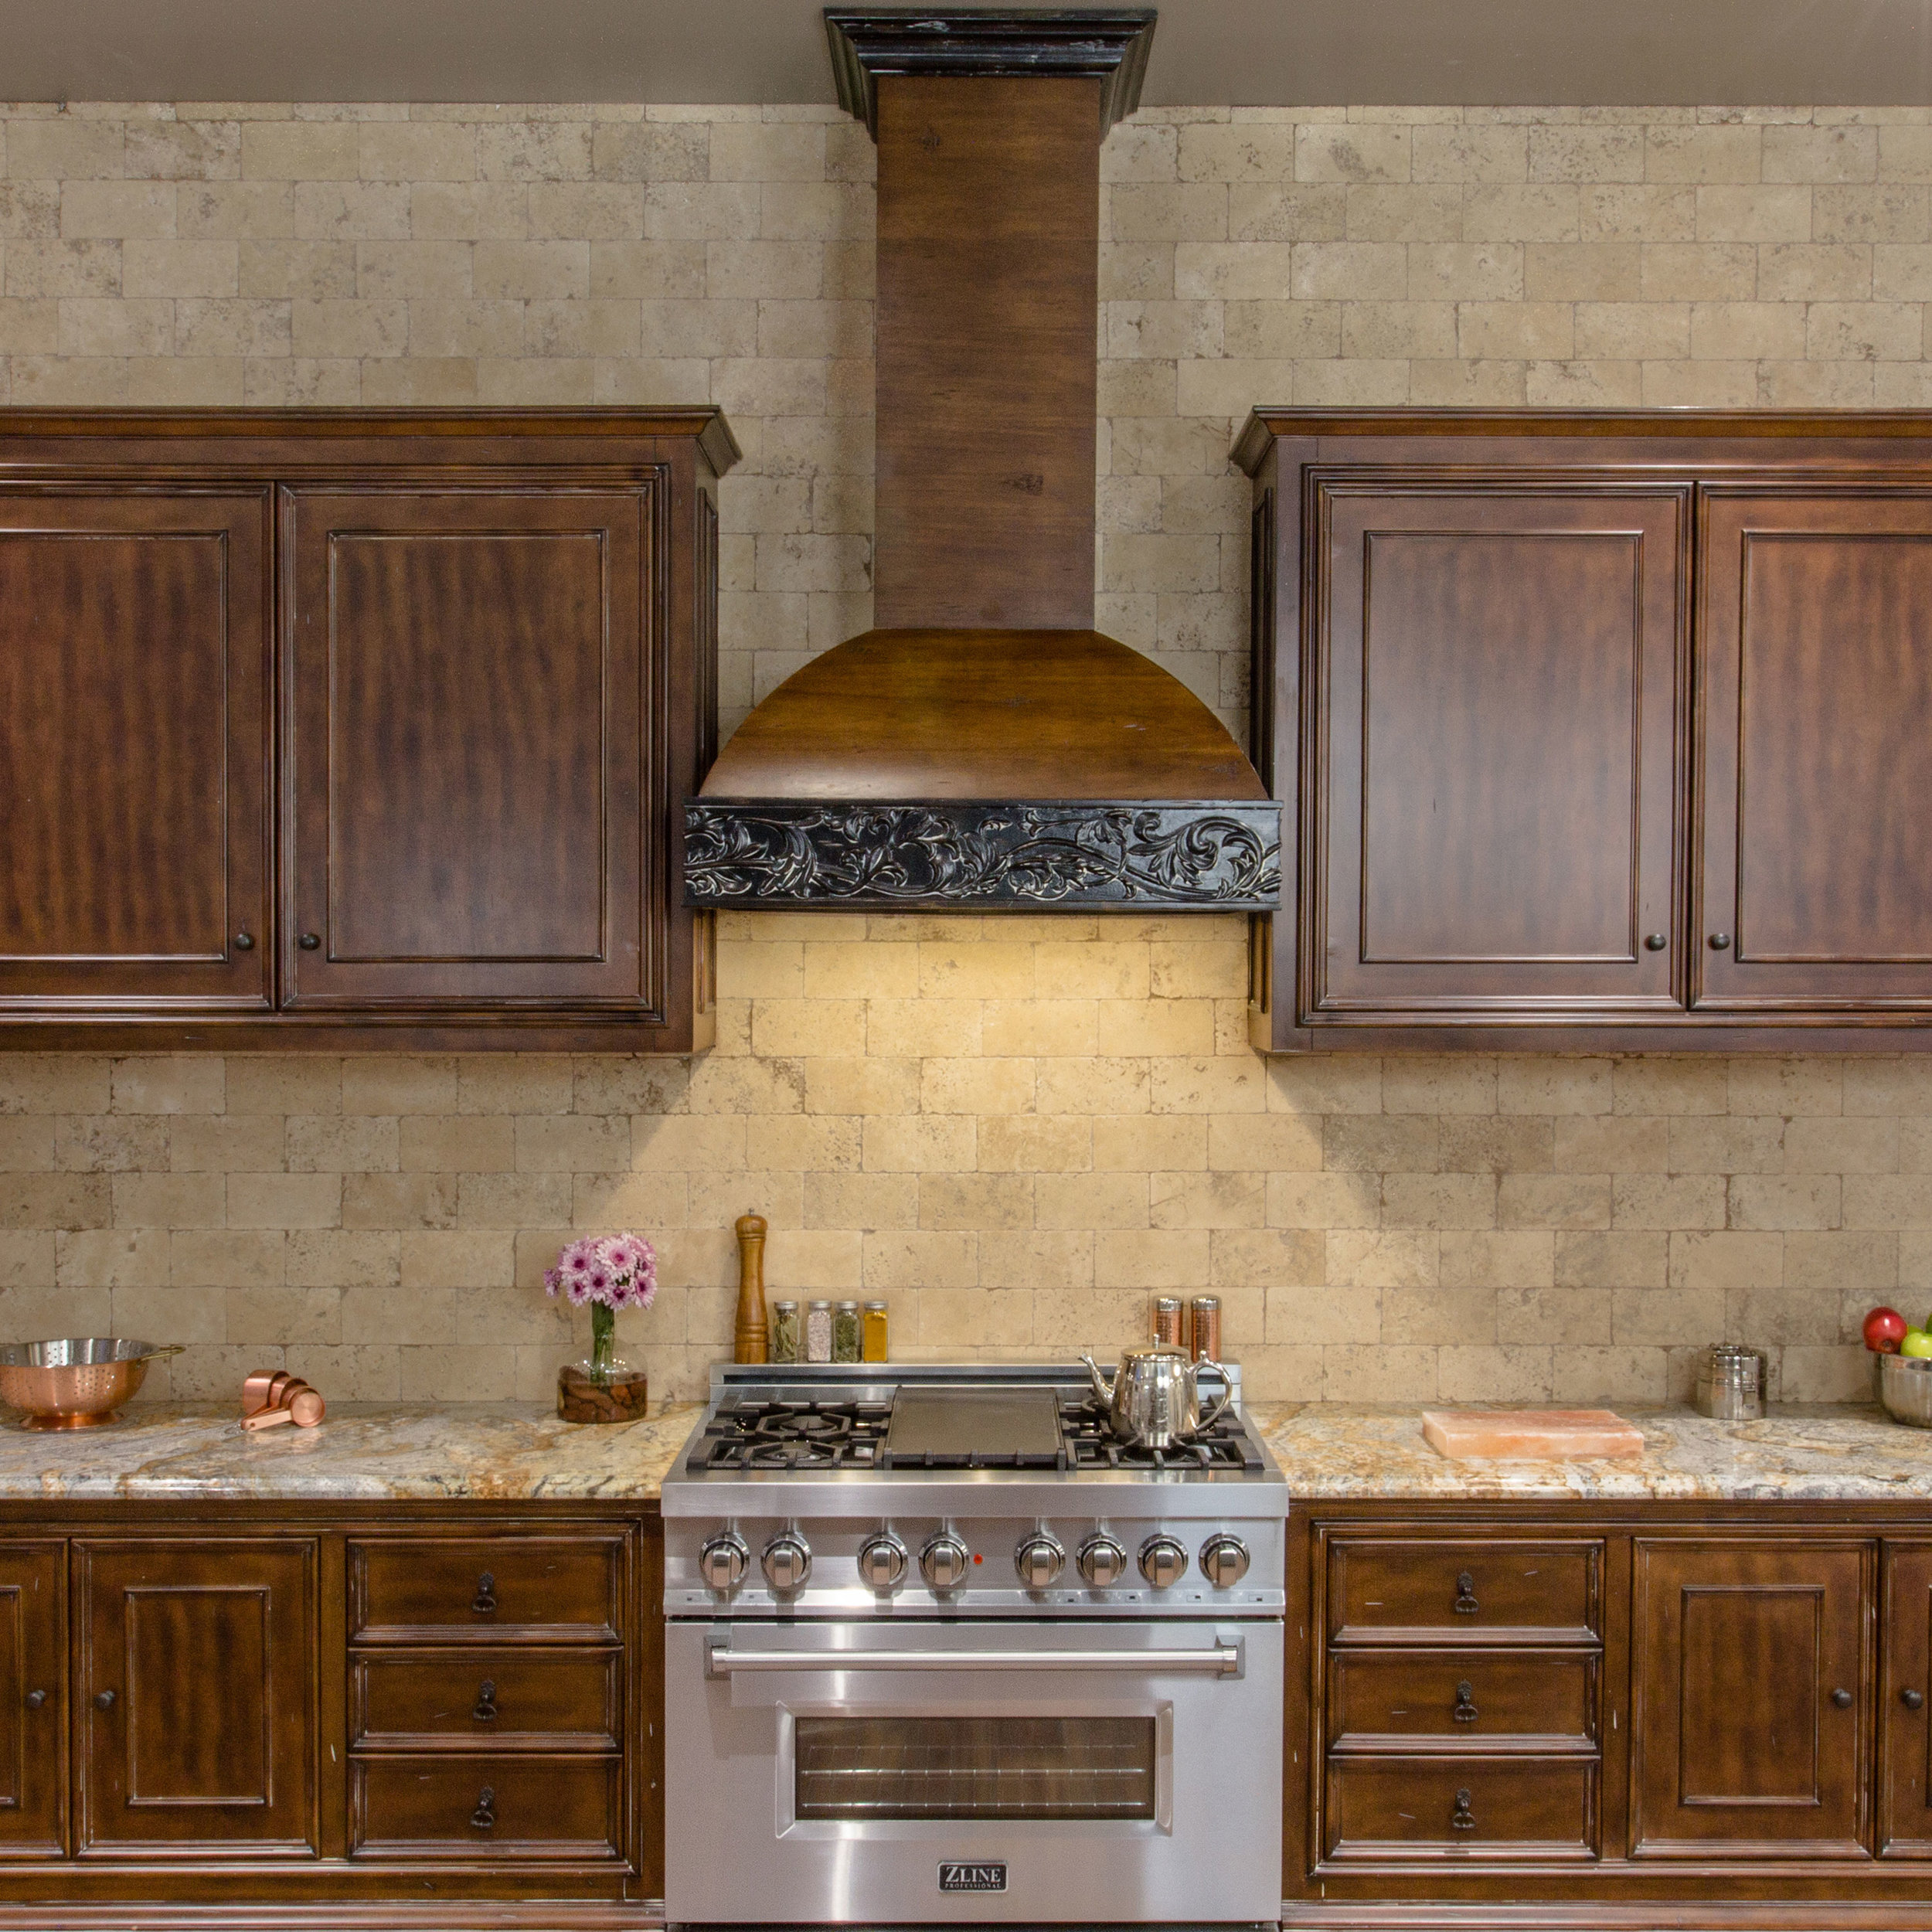 Best Kitchen Gallery: Wooden Crafted 393ar Zline Kitchen of Kitchen Hood Wood on rachelxblog.com